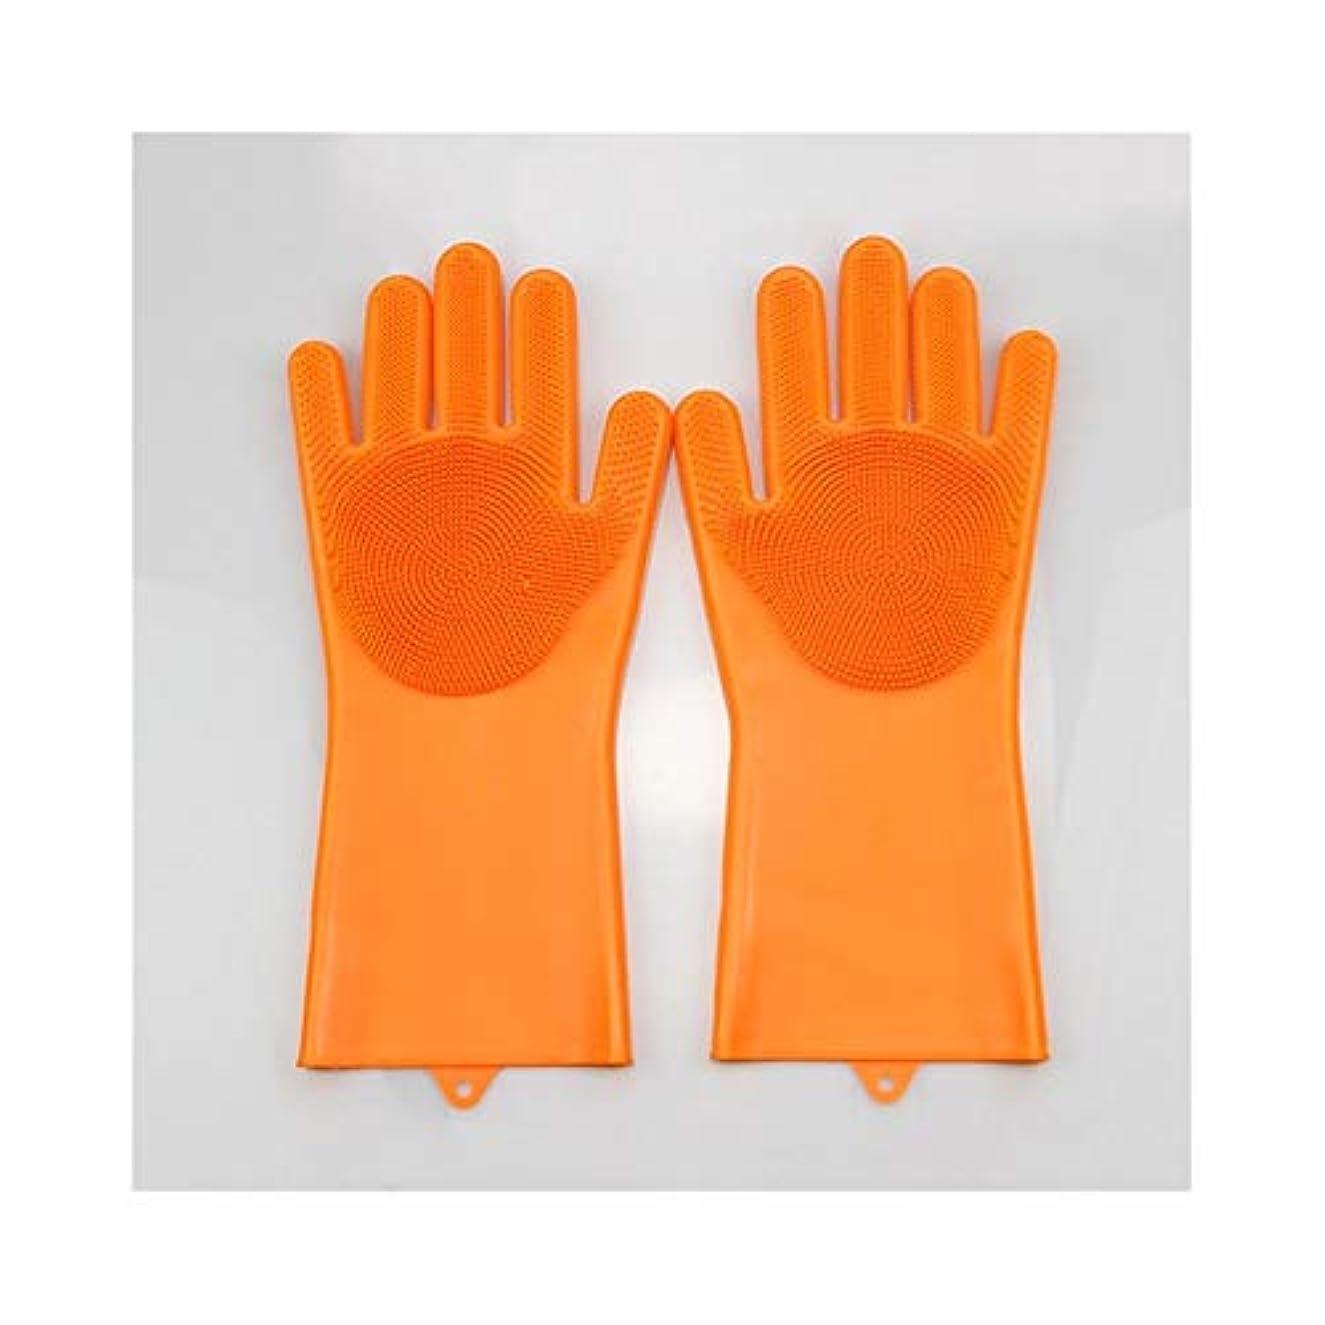 車下手モジュールBTXXYJP キッチン用手袋 手袋 掃除用 ロング 耐摩耗 食器洗い 作業 掃除 炊事 食器洗い 園芸 洗車 防水 手袋 (Color : Orange, Size : L)